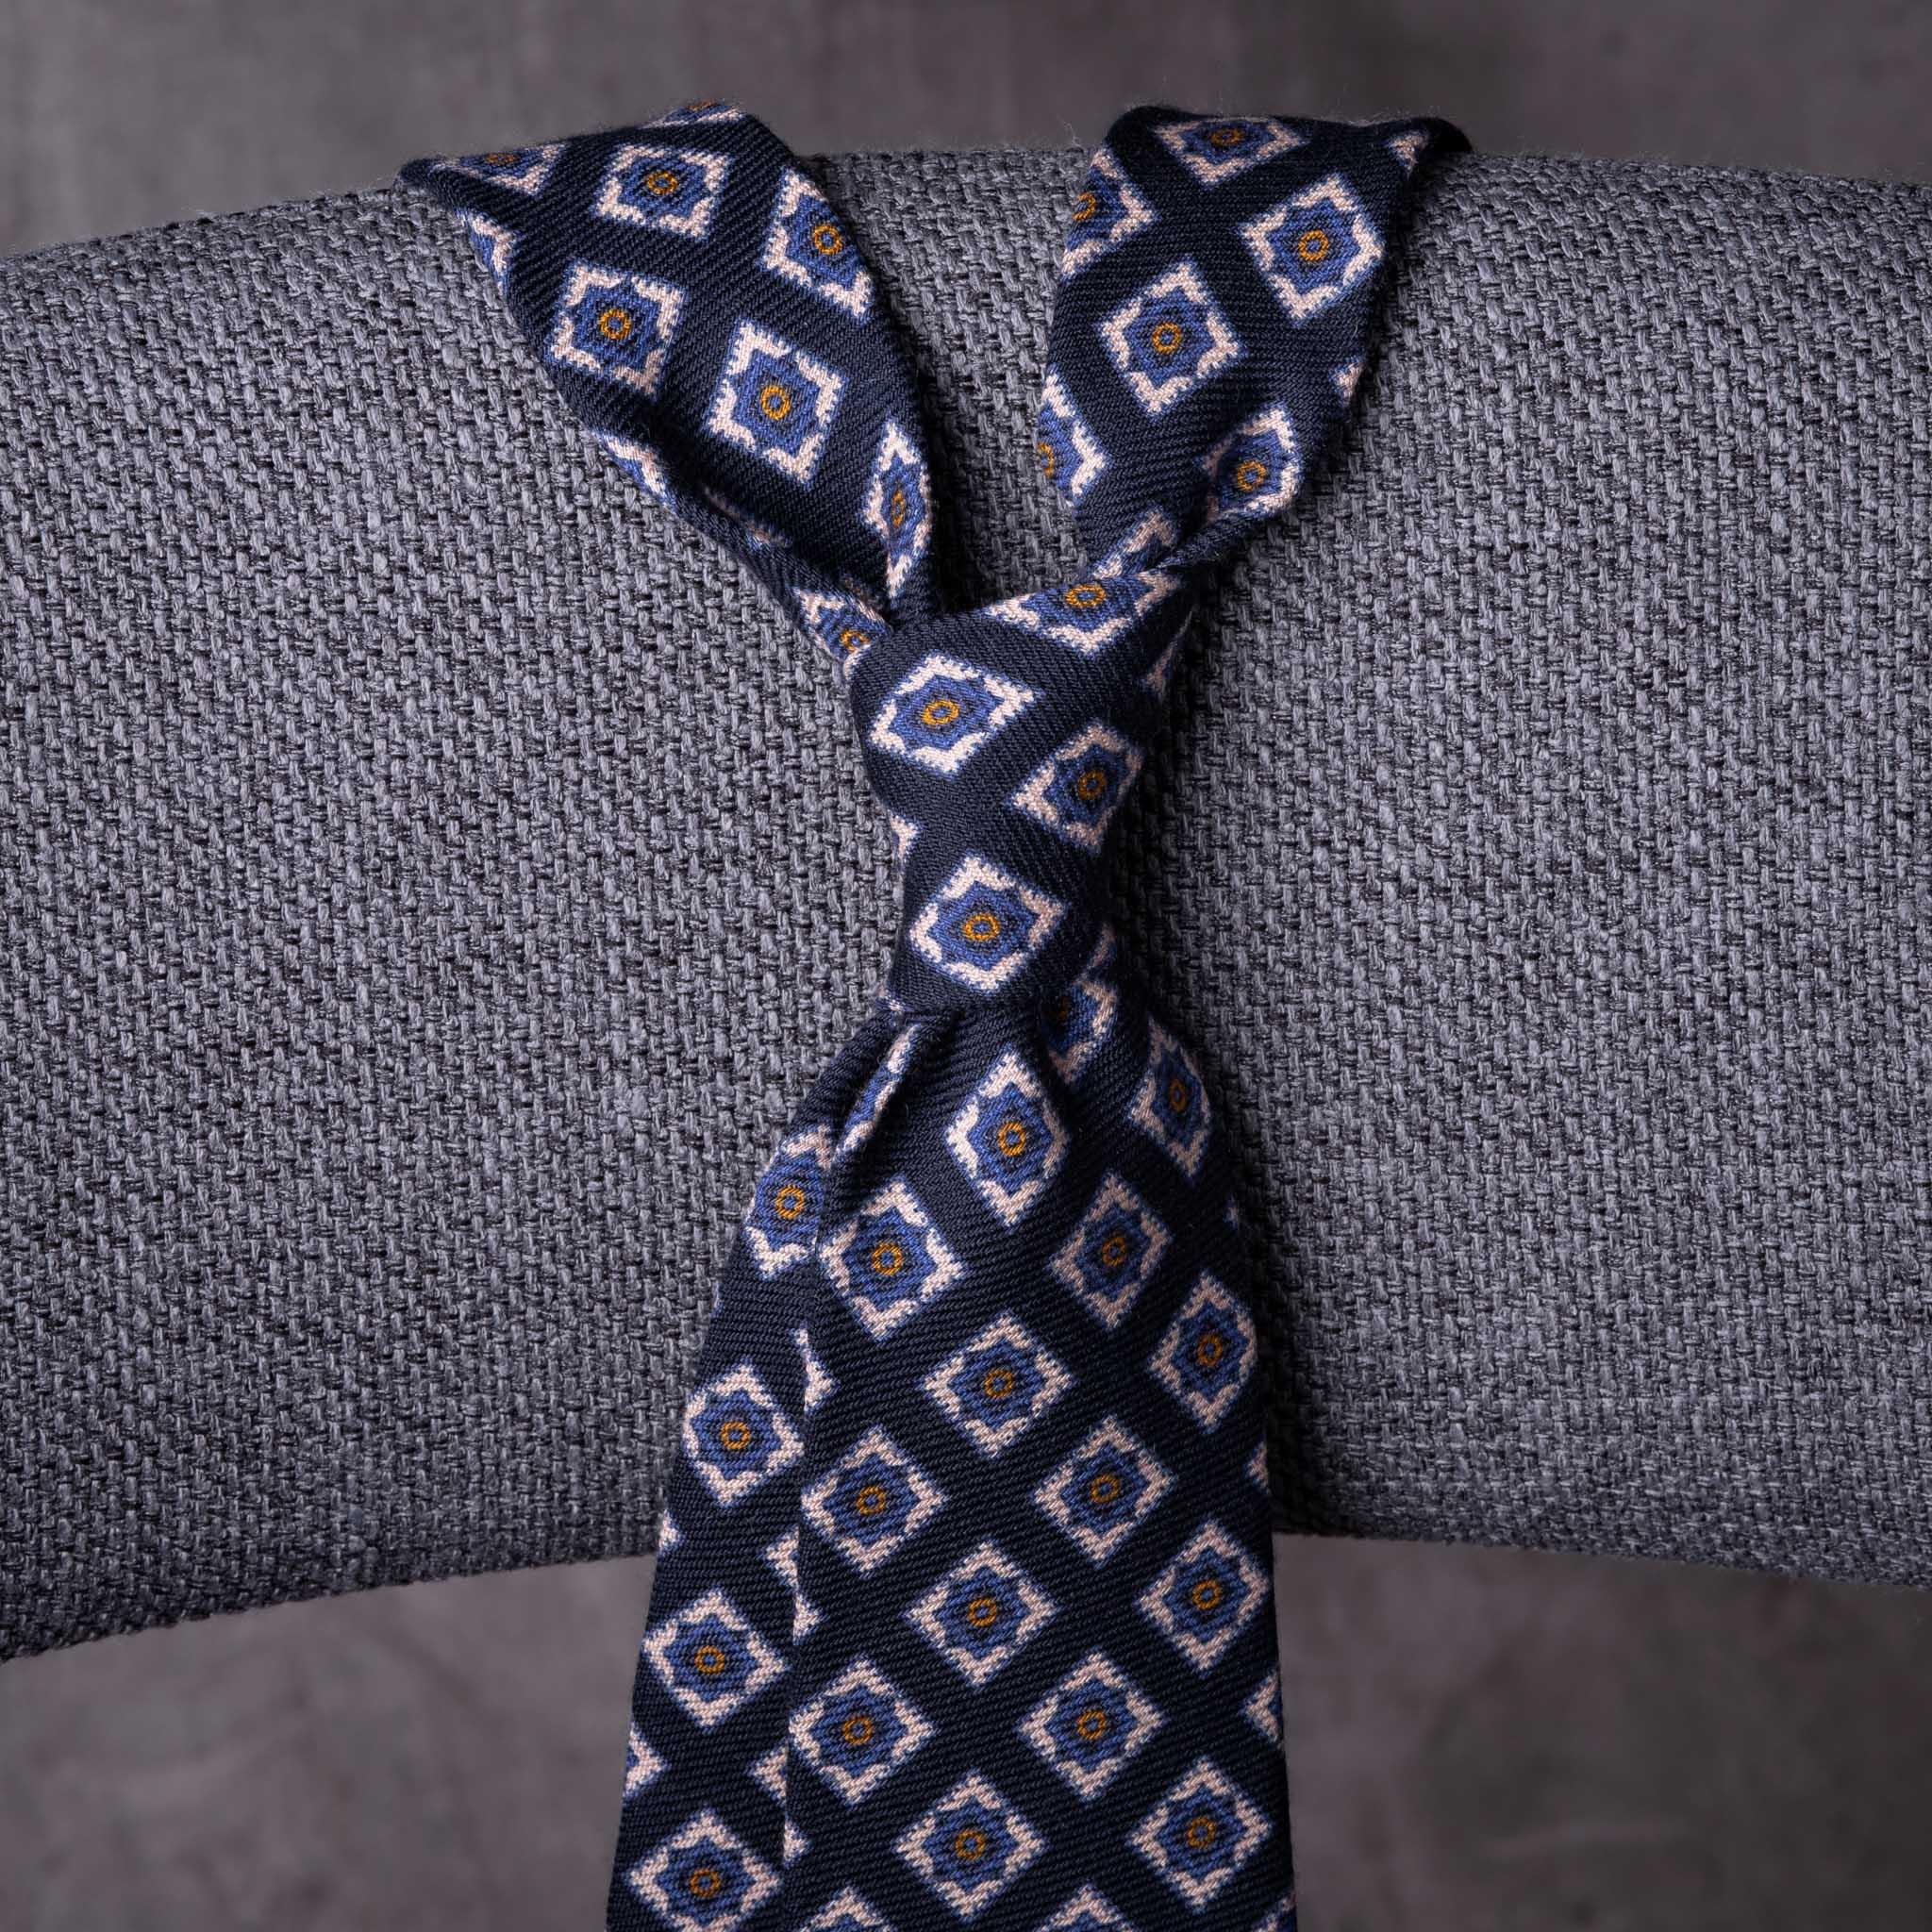 WOOL-0200-Tie-Initials-Corbata-Iniciales-The-Seelk-2